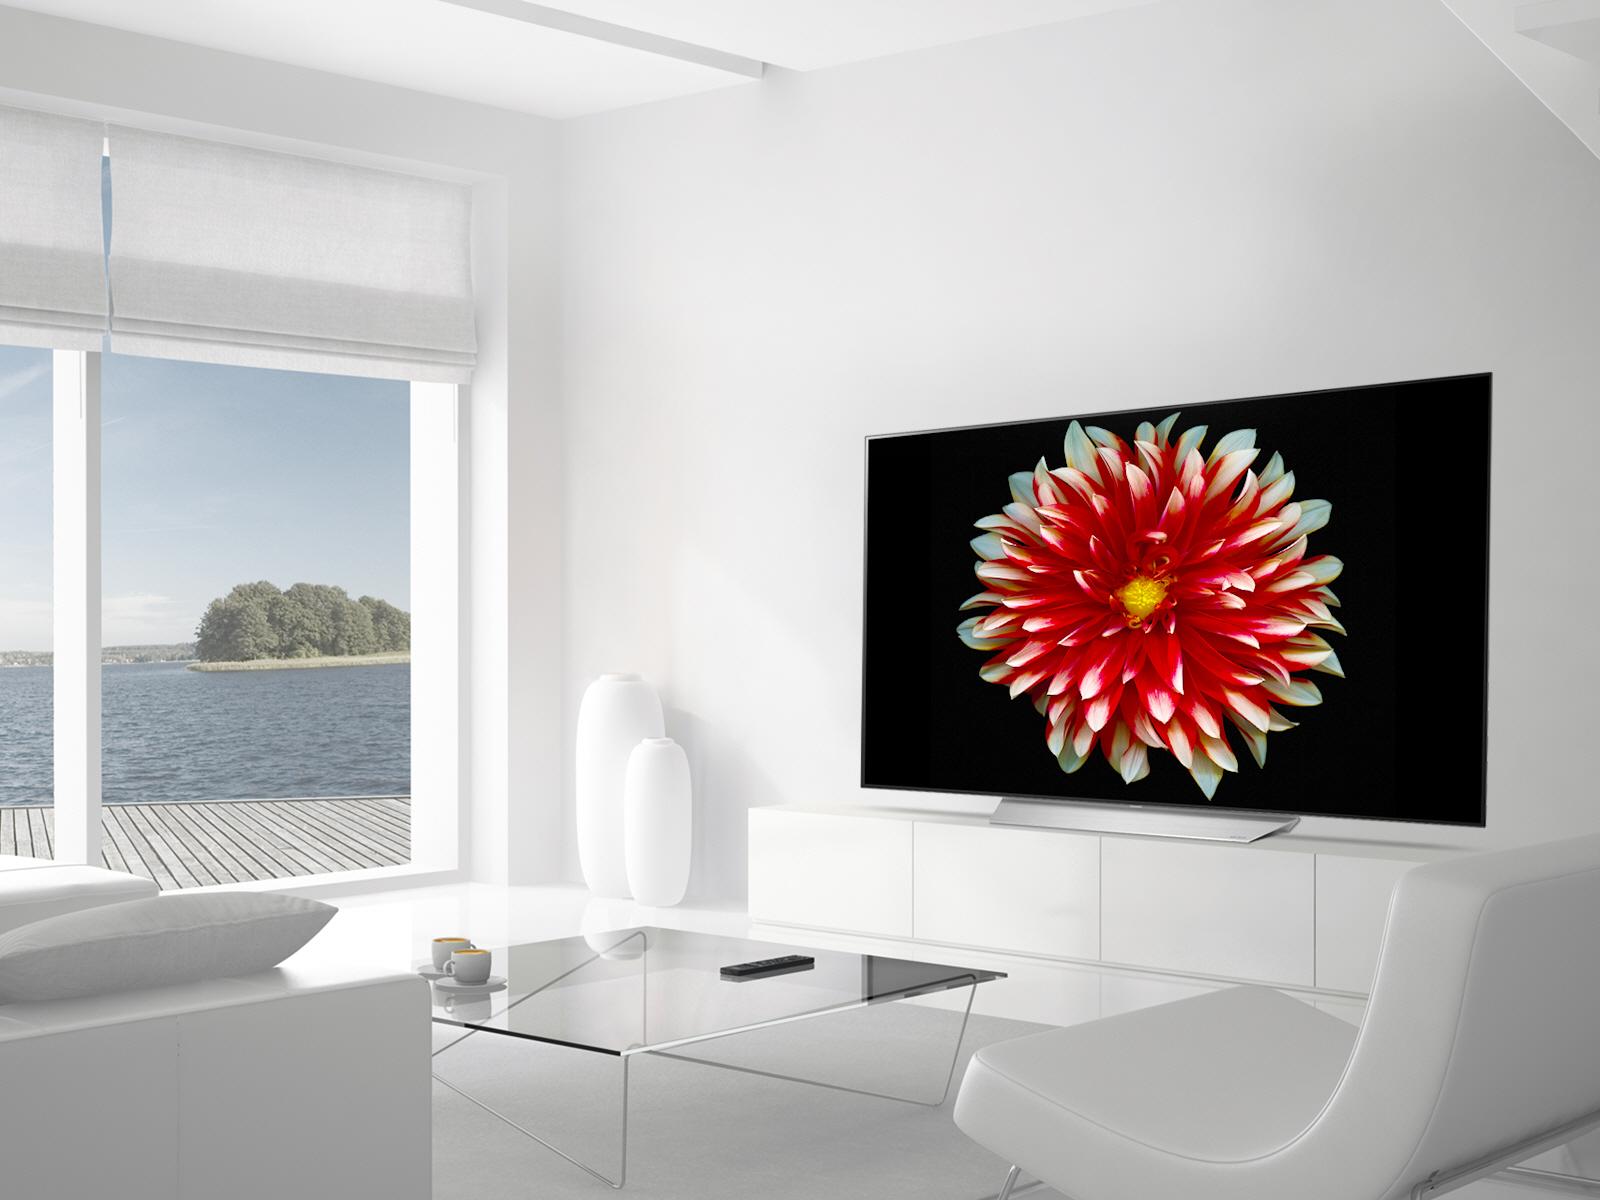 LG OLED TV 55 inch 55C7T Model